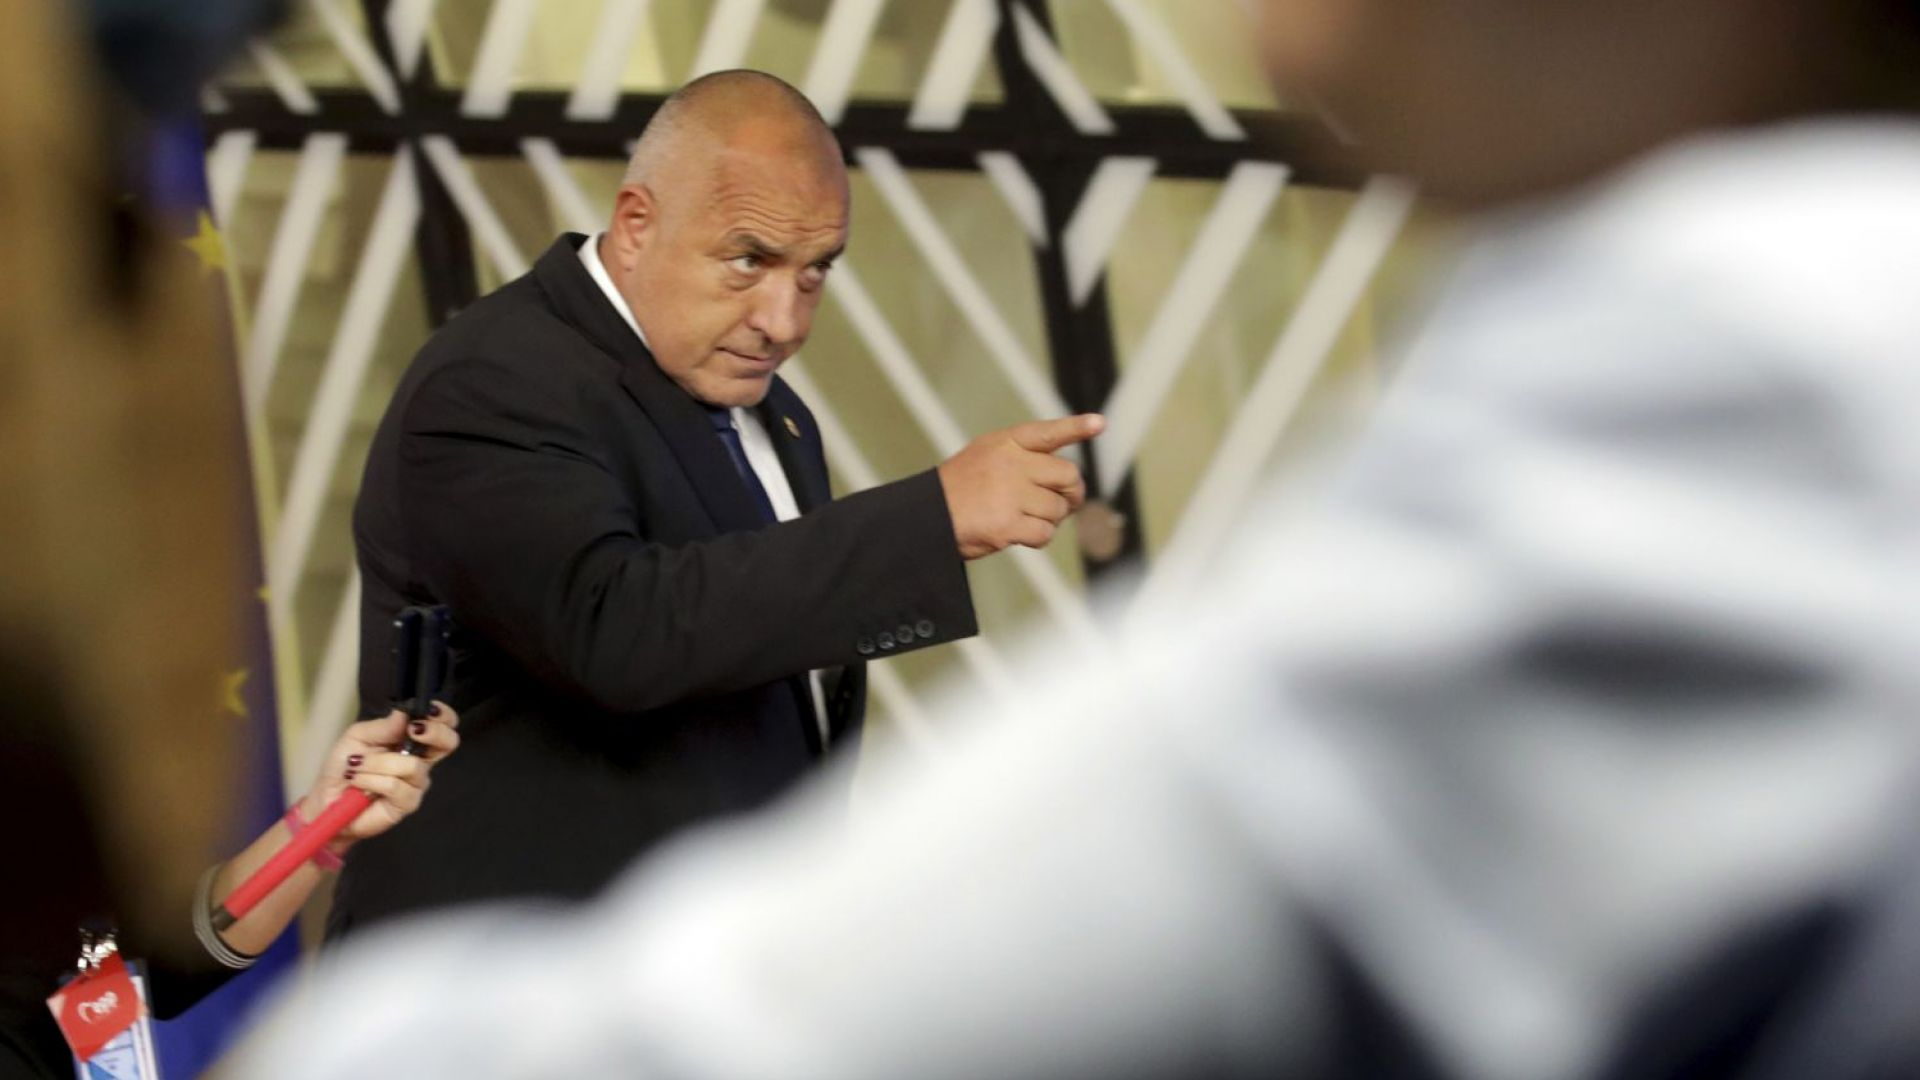 Борисов: Засега няма да гоним руски дипломати заради Скрипал (видео)